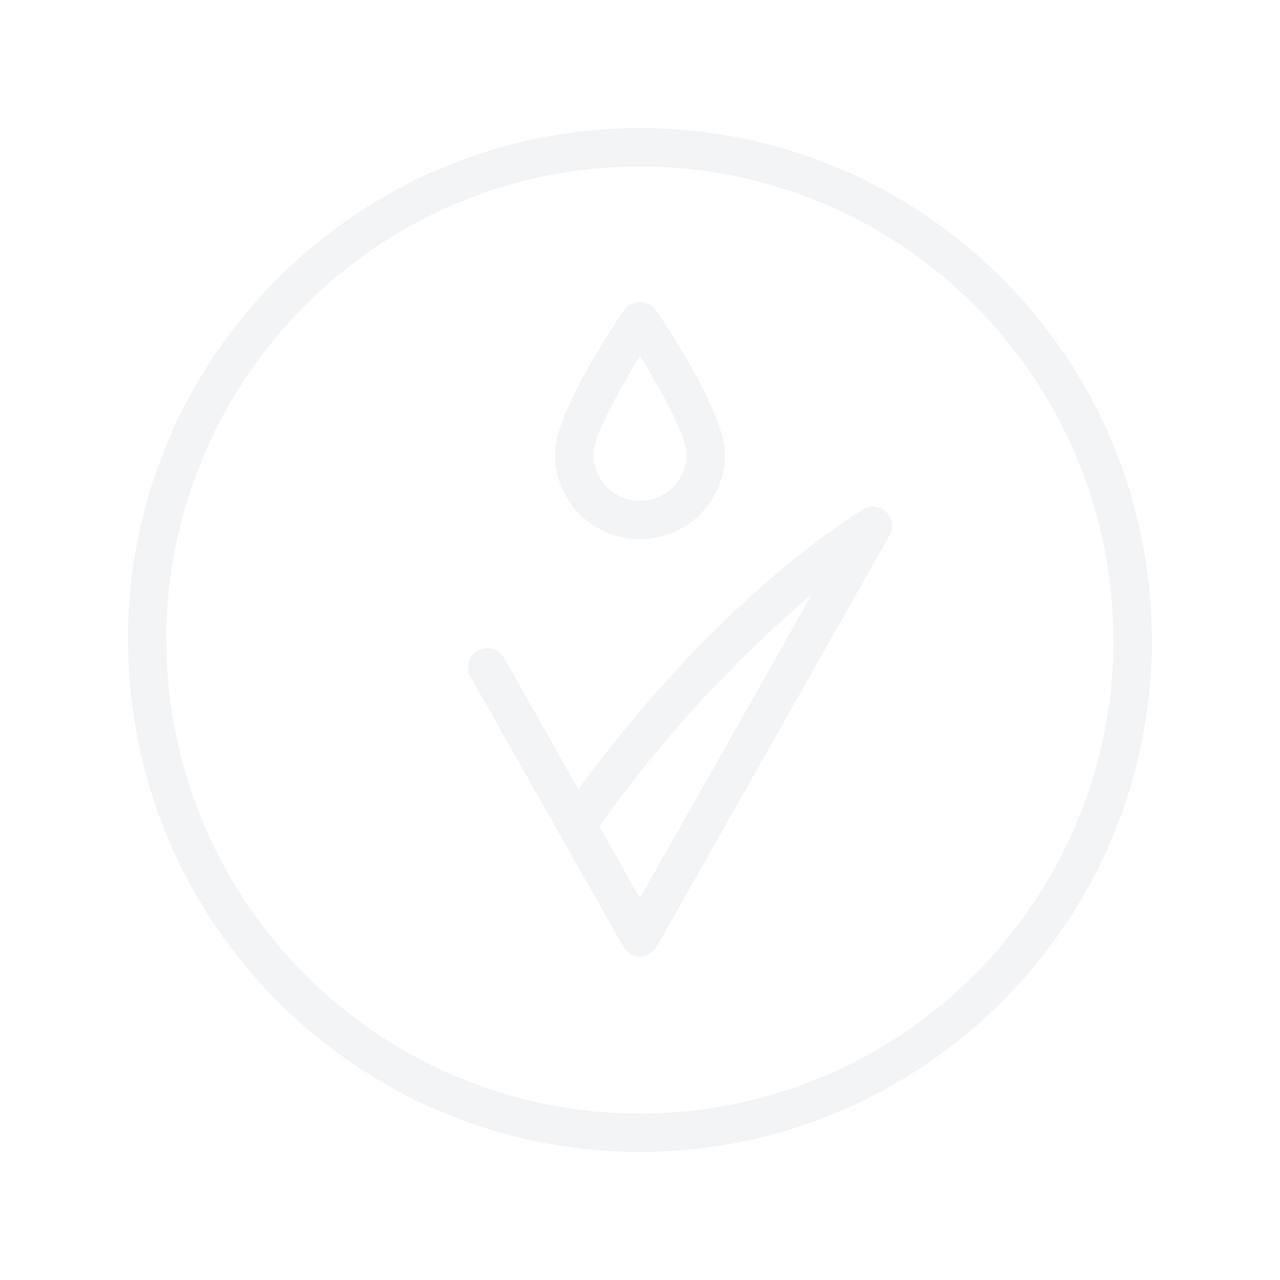 Sleek Makeup Face Contour Kit 14g